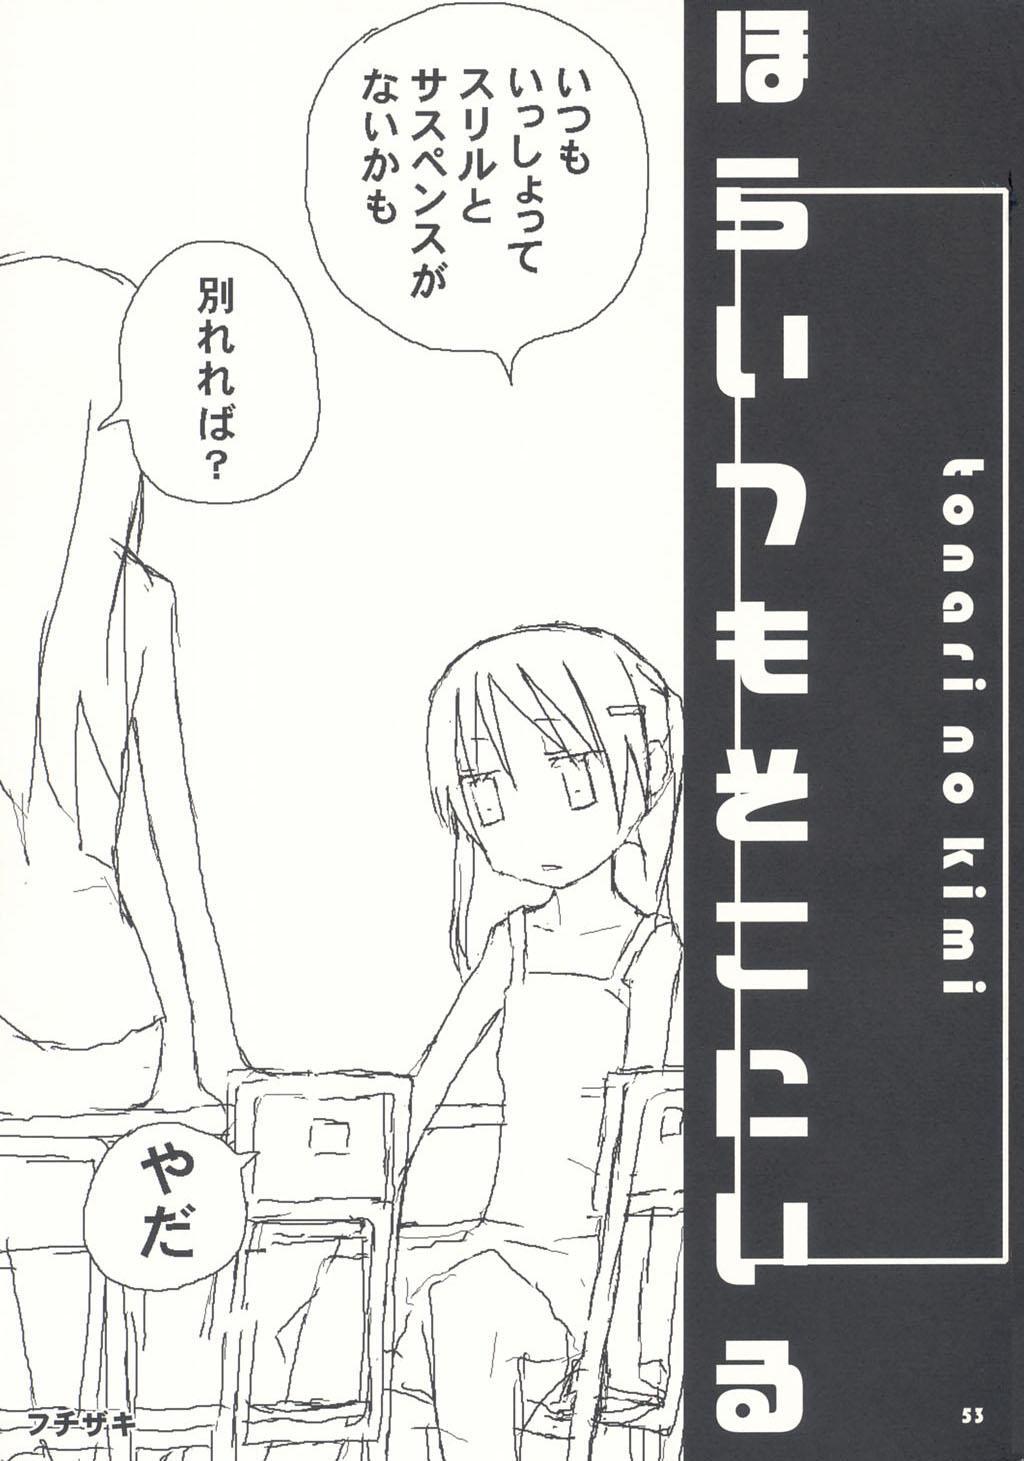 Tonari no Kimi 1-gakki 52